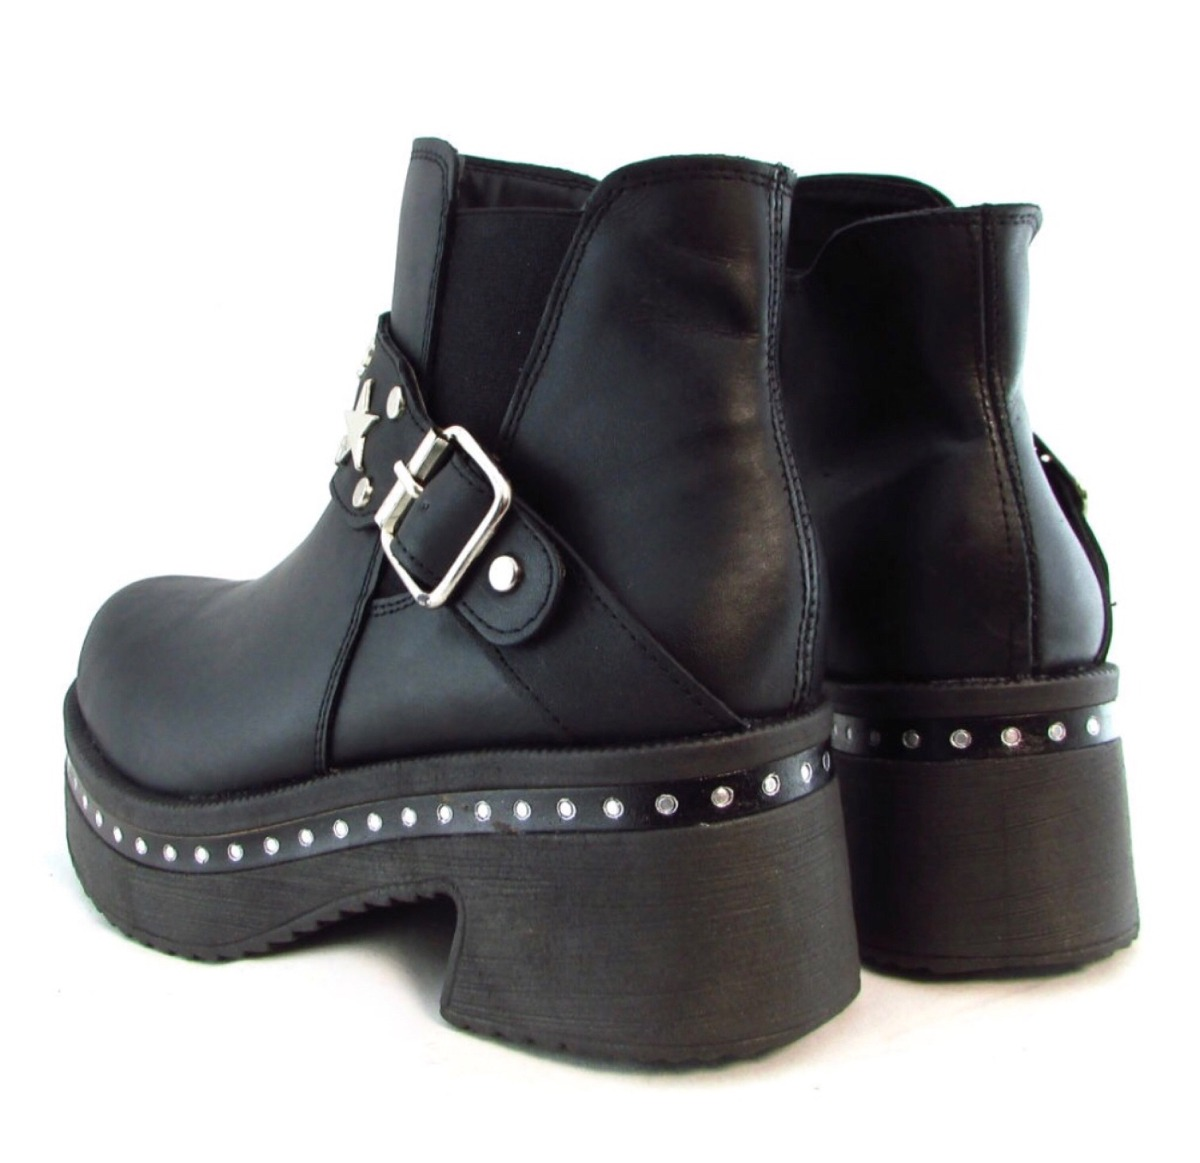 botas borcegos tachas zapatos cuero mujer invierno hot sale. Cargando zoom...  botas zapatos mujer. Cargando zoom. 4da9503fb04a